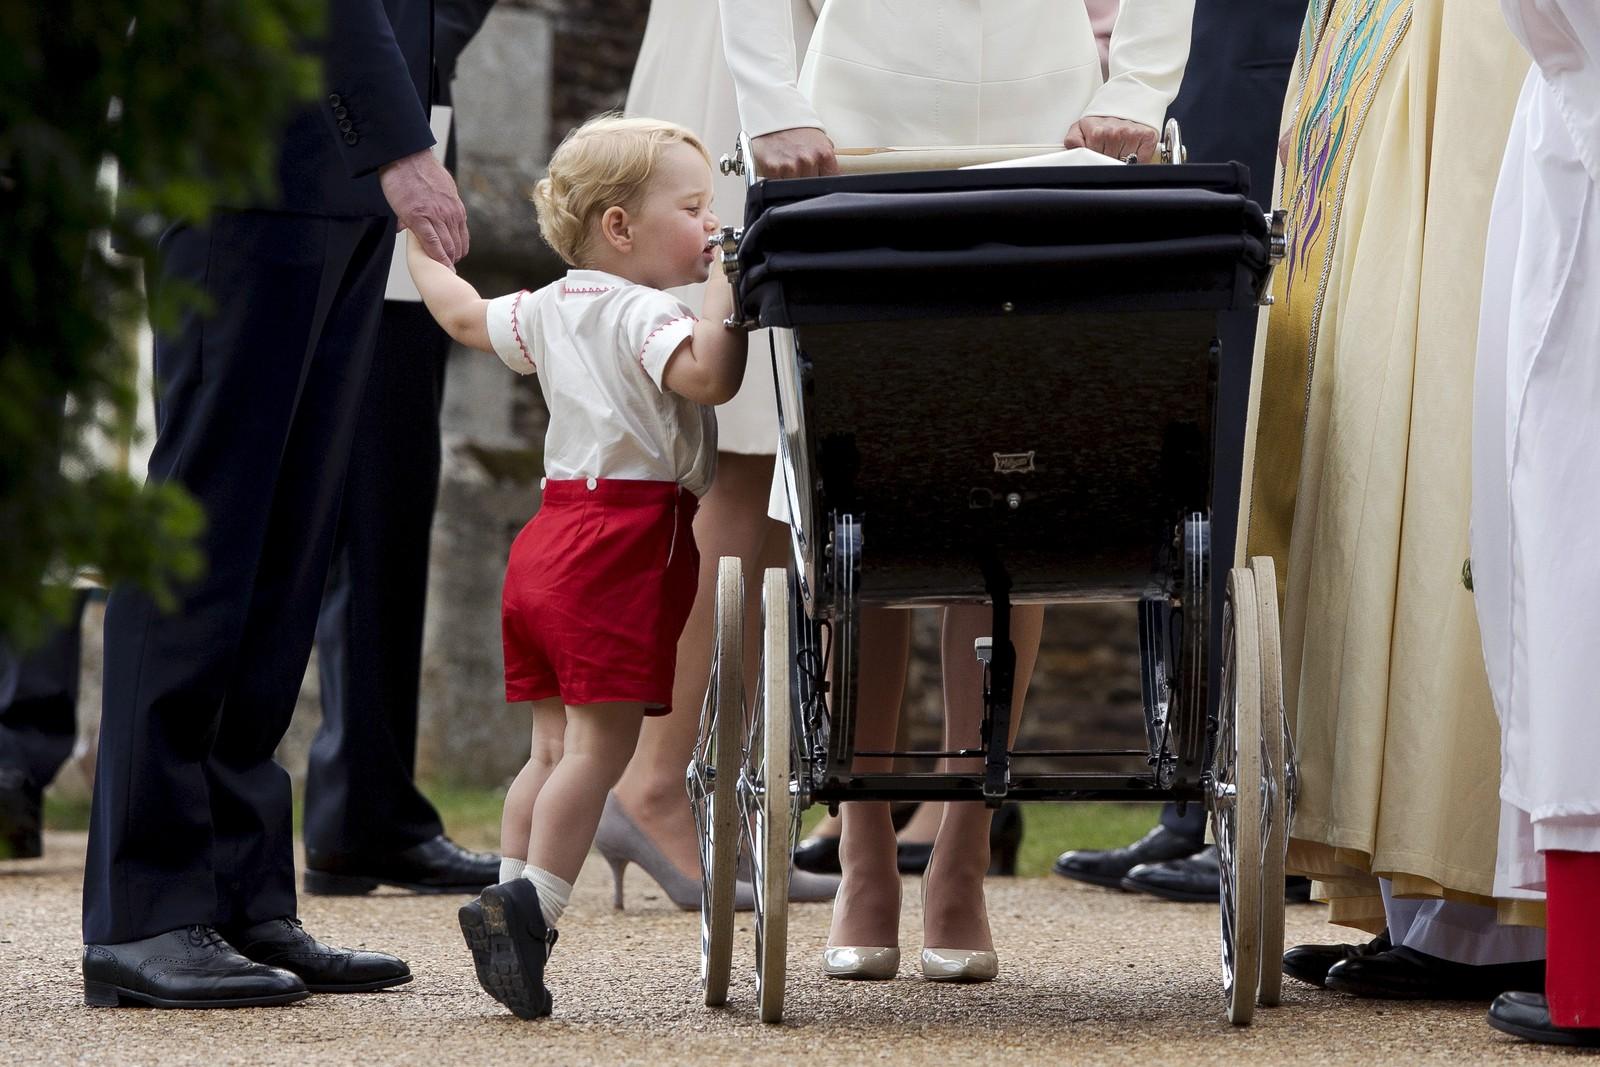 Storbritannias prins George står på tærne for å titte opp i vogna der hans nyfødte søster, prinsesse Charlotte, ligger. Bildet er tatt like etter dåpen i St. Mary Magdalene-kirken i Sandringham søndag 5. juli.